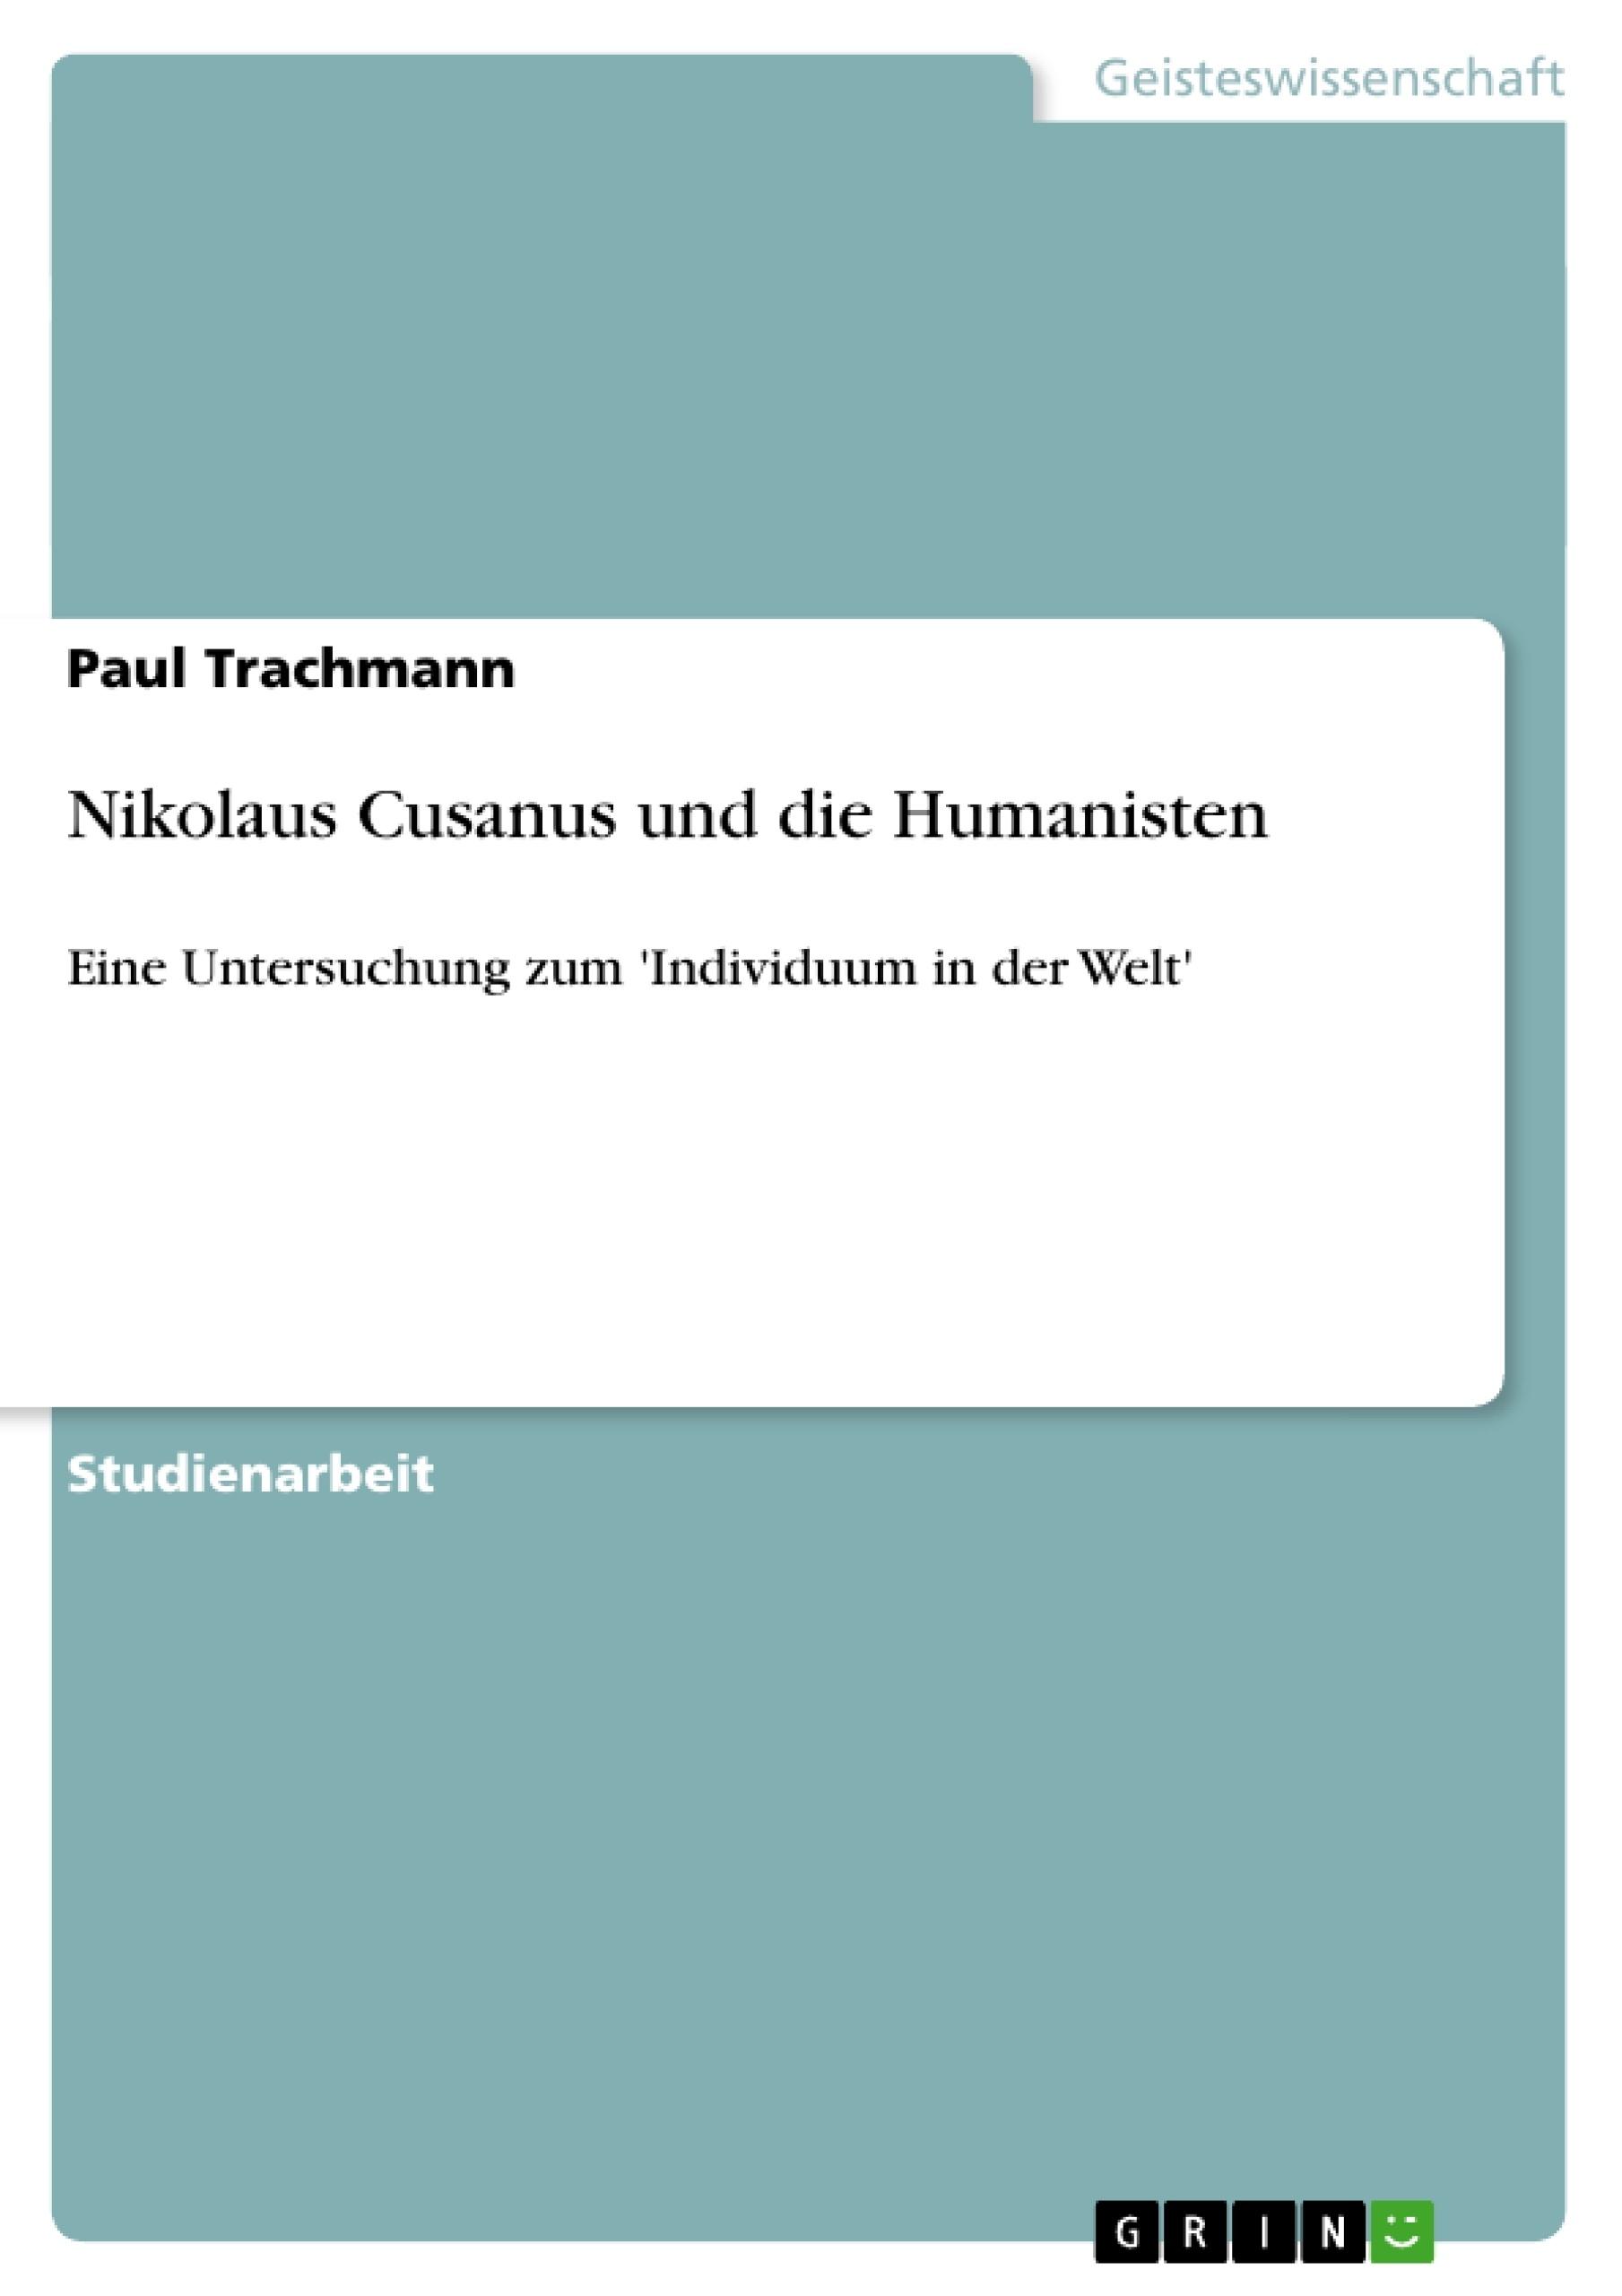 Titel: Nikolaus Cusanus und die Humanisten